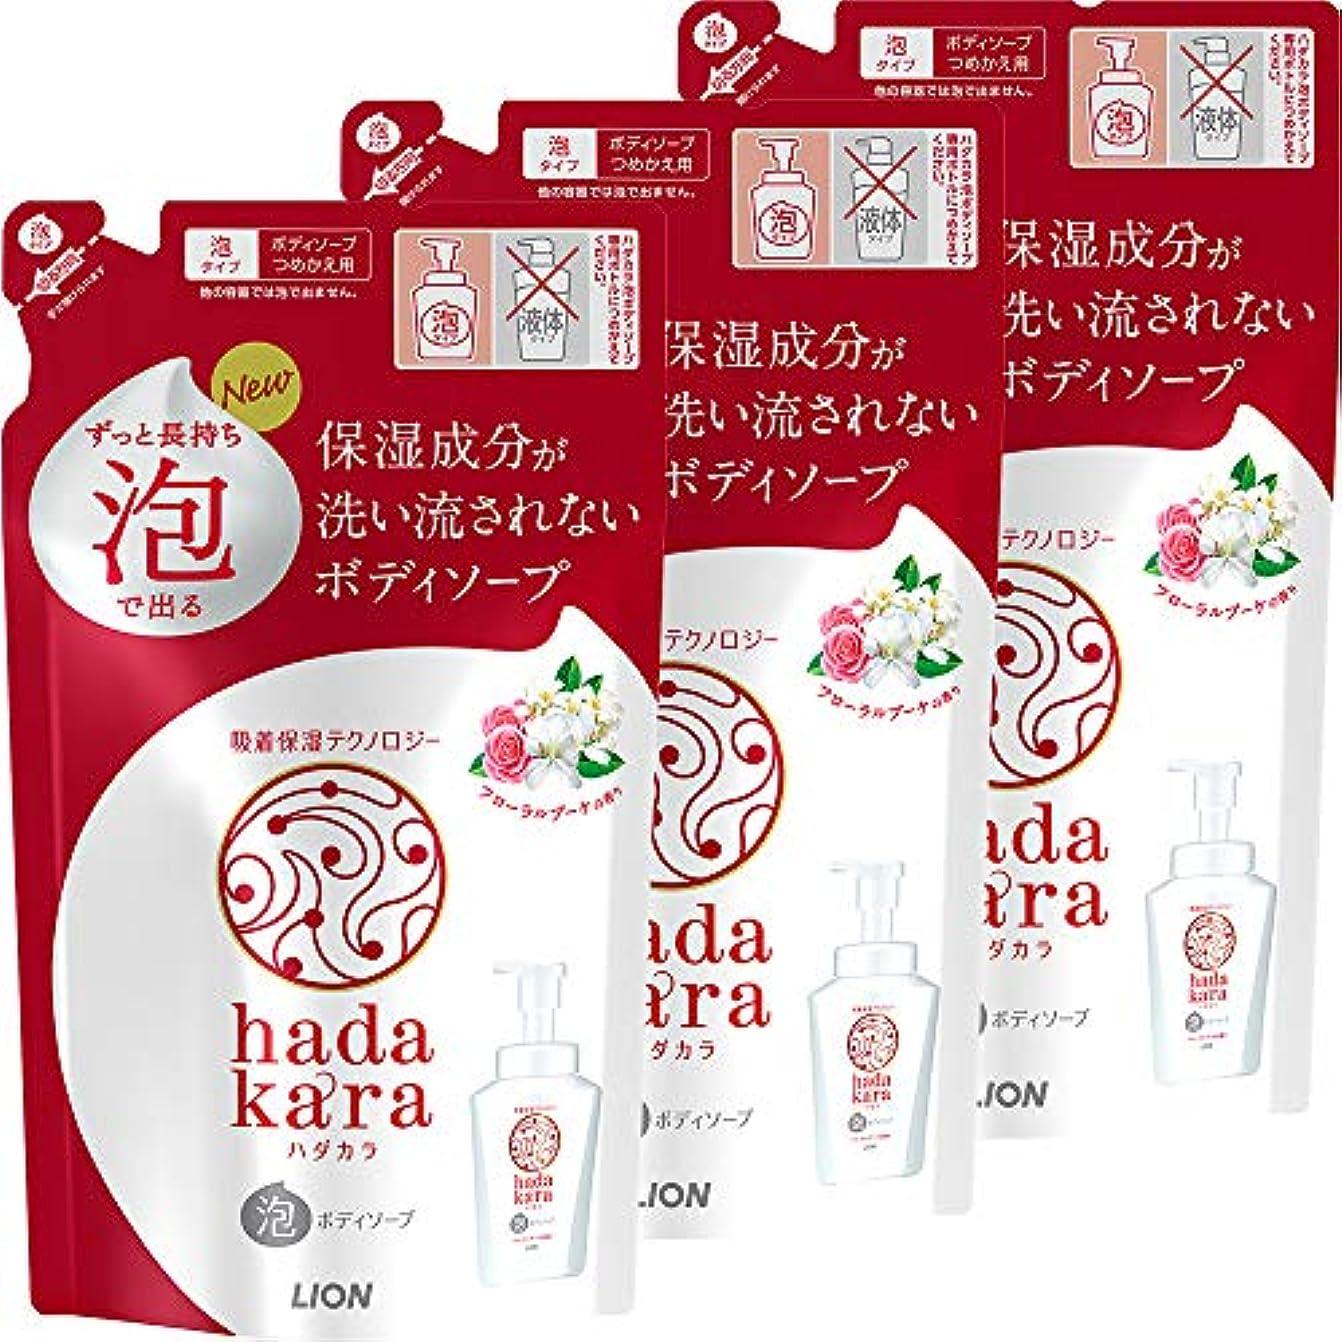 平方勧告アイドルhadakara(ハダカラ) ボディソープ 泡タイプ フローラルブーケの香り 詰替440ml×3個